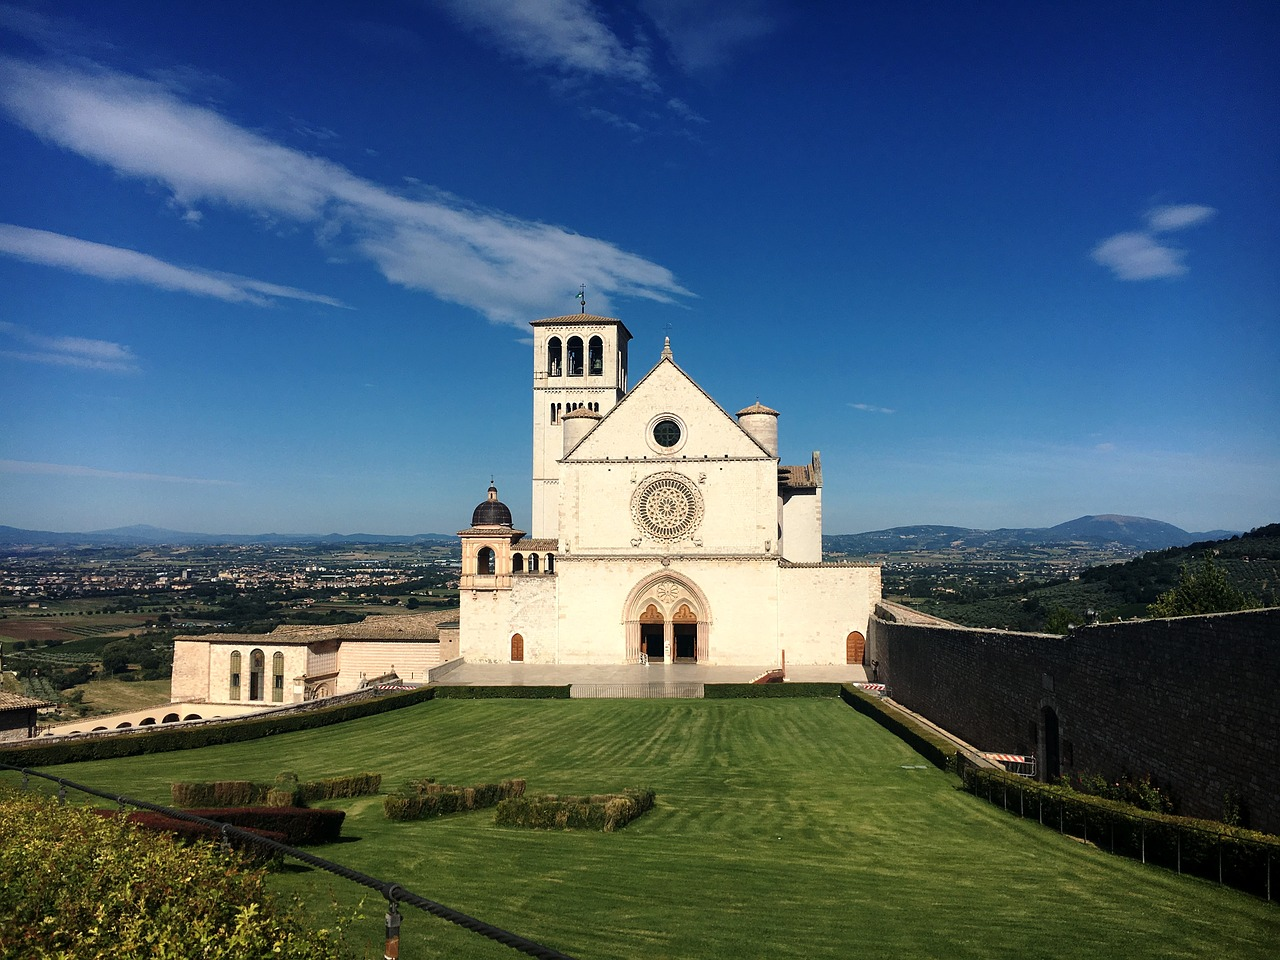 turismo religioso na itália